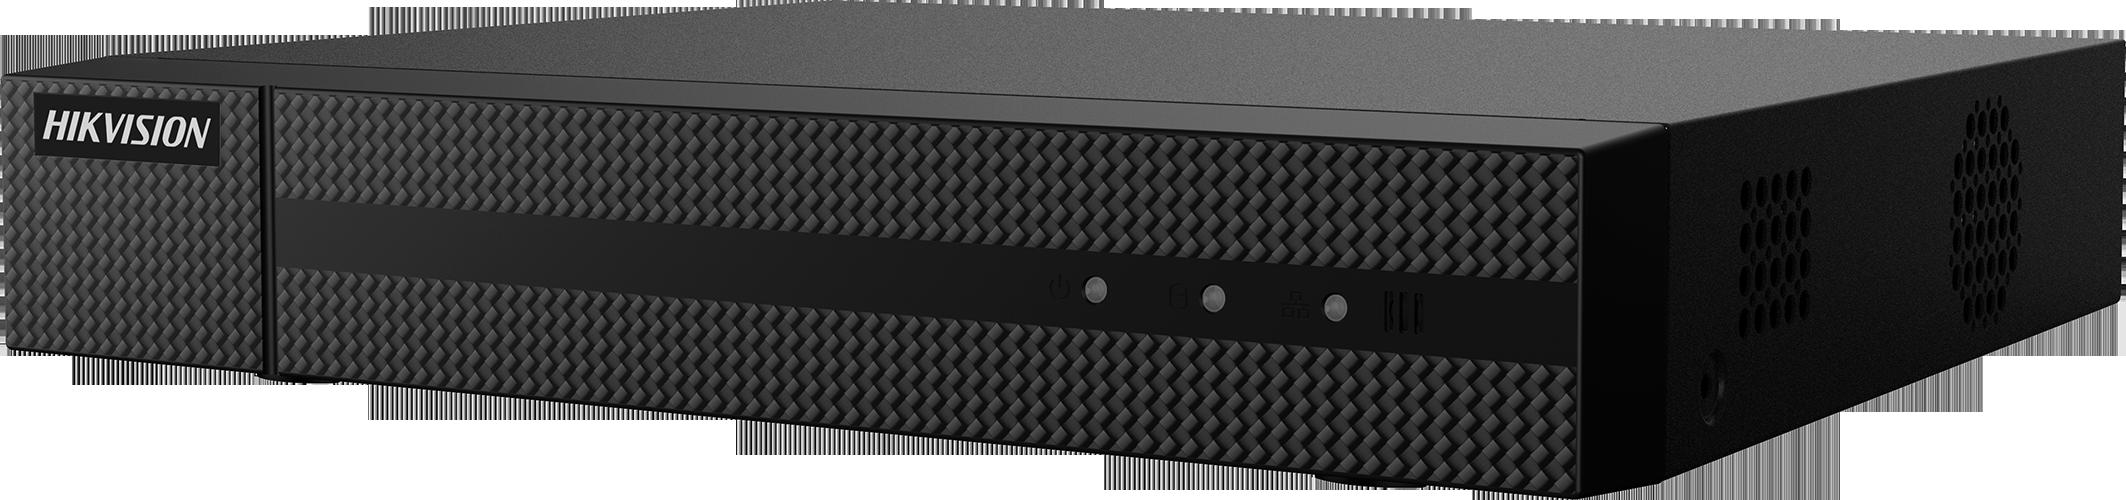 HWD-5116M